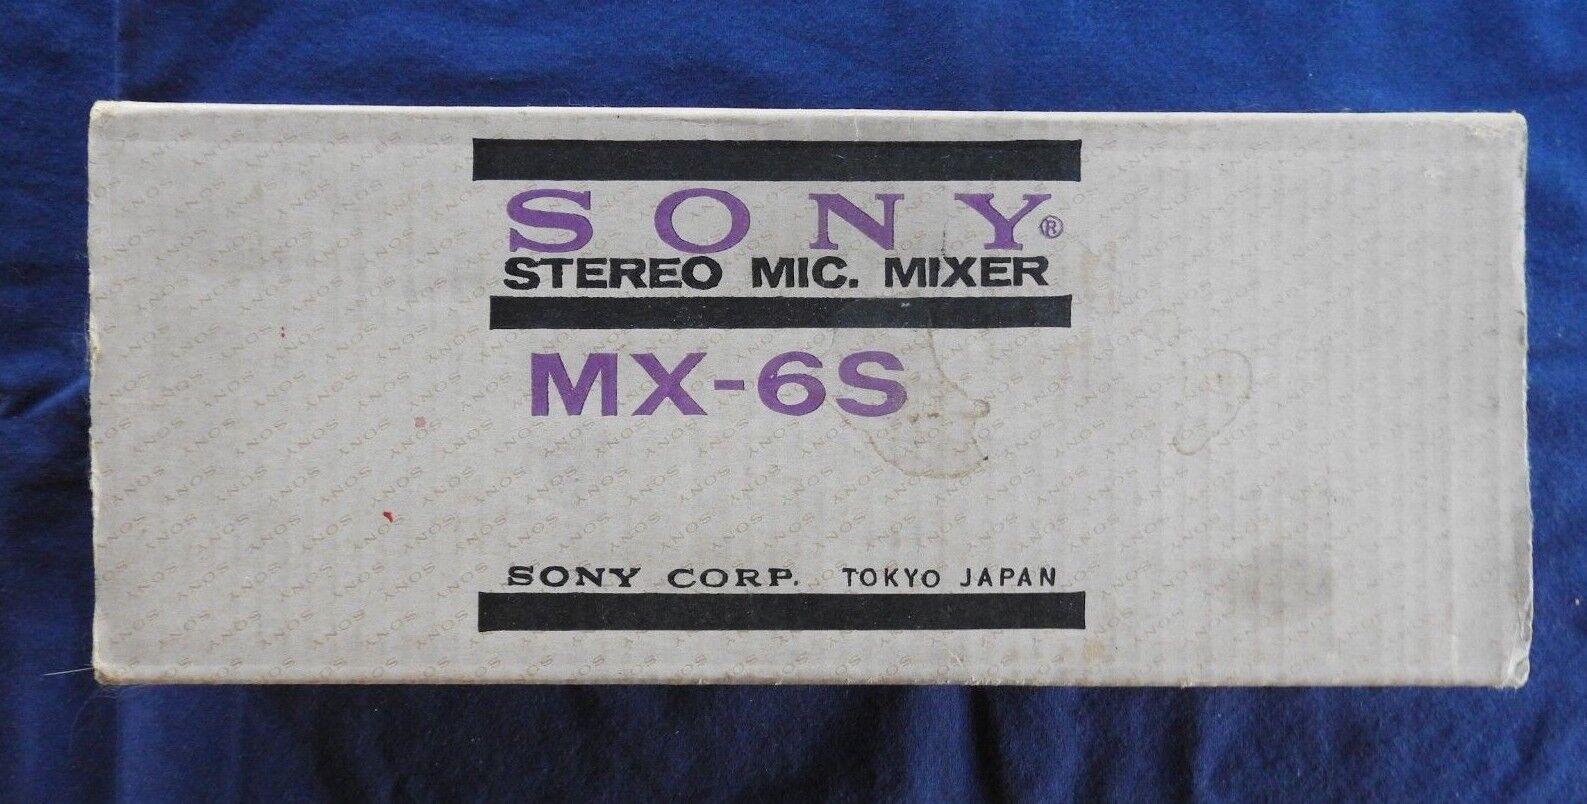 Sony MX-6S, Micrófono Estéreo Mezclador Vintage Unidad Nuevo en Caja Forma Libre